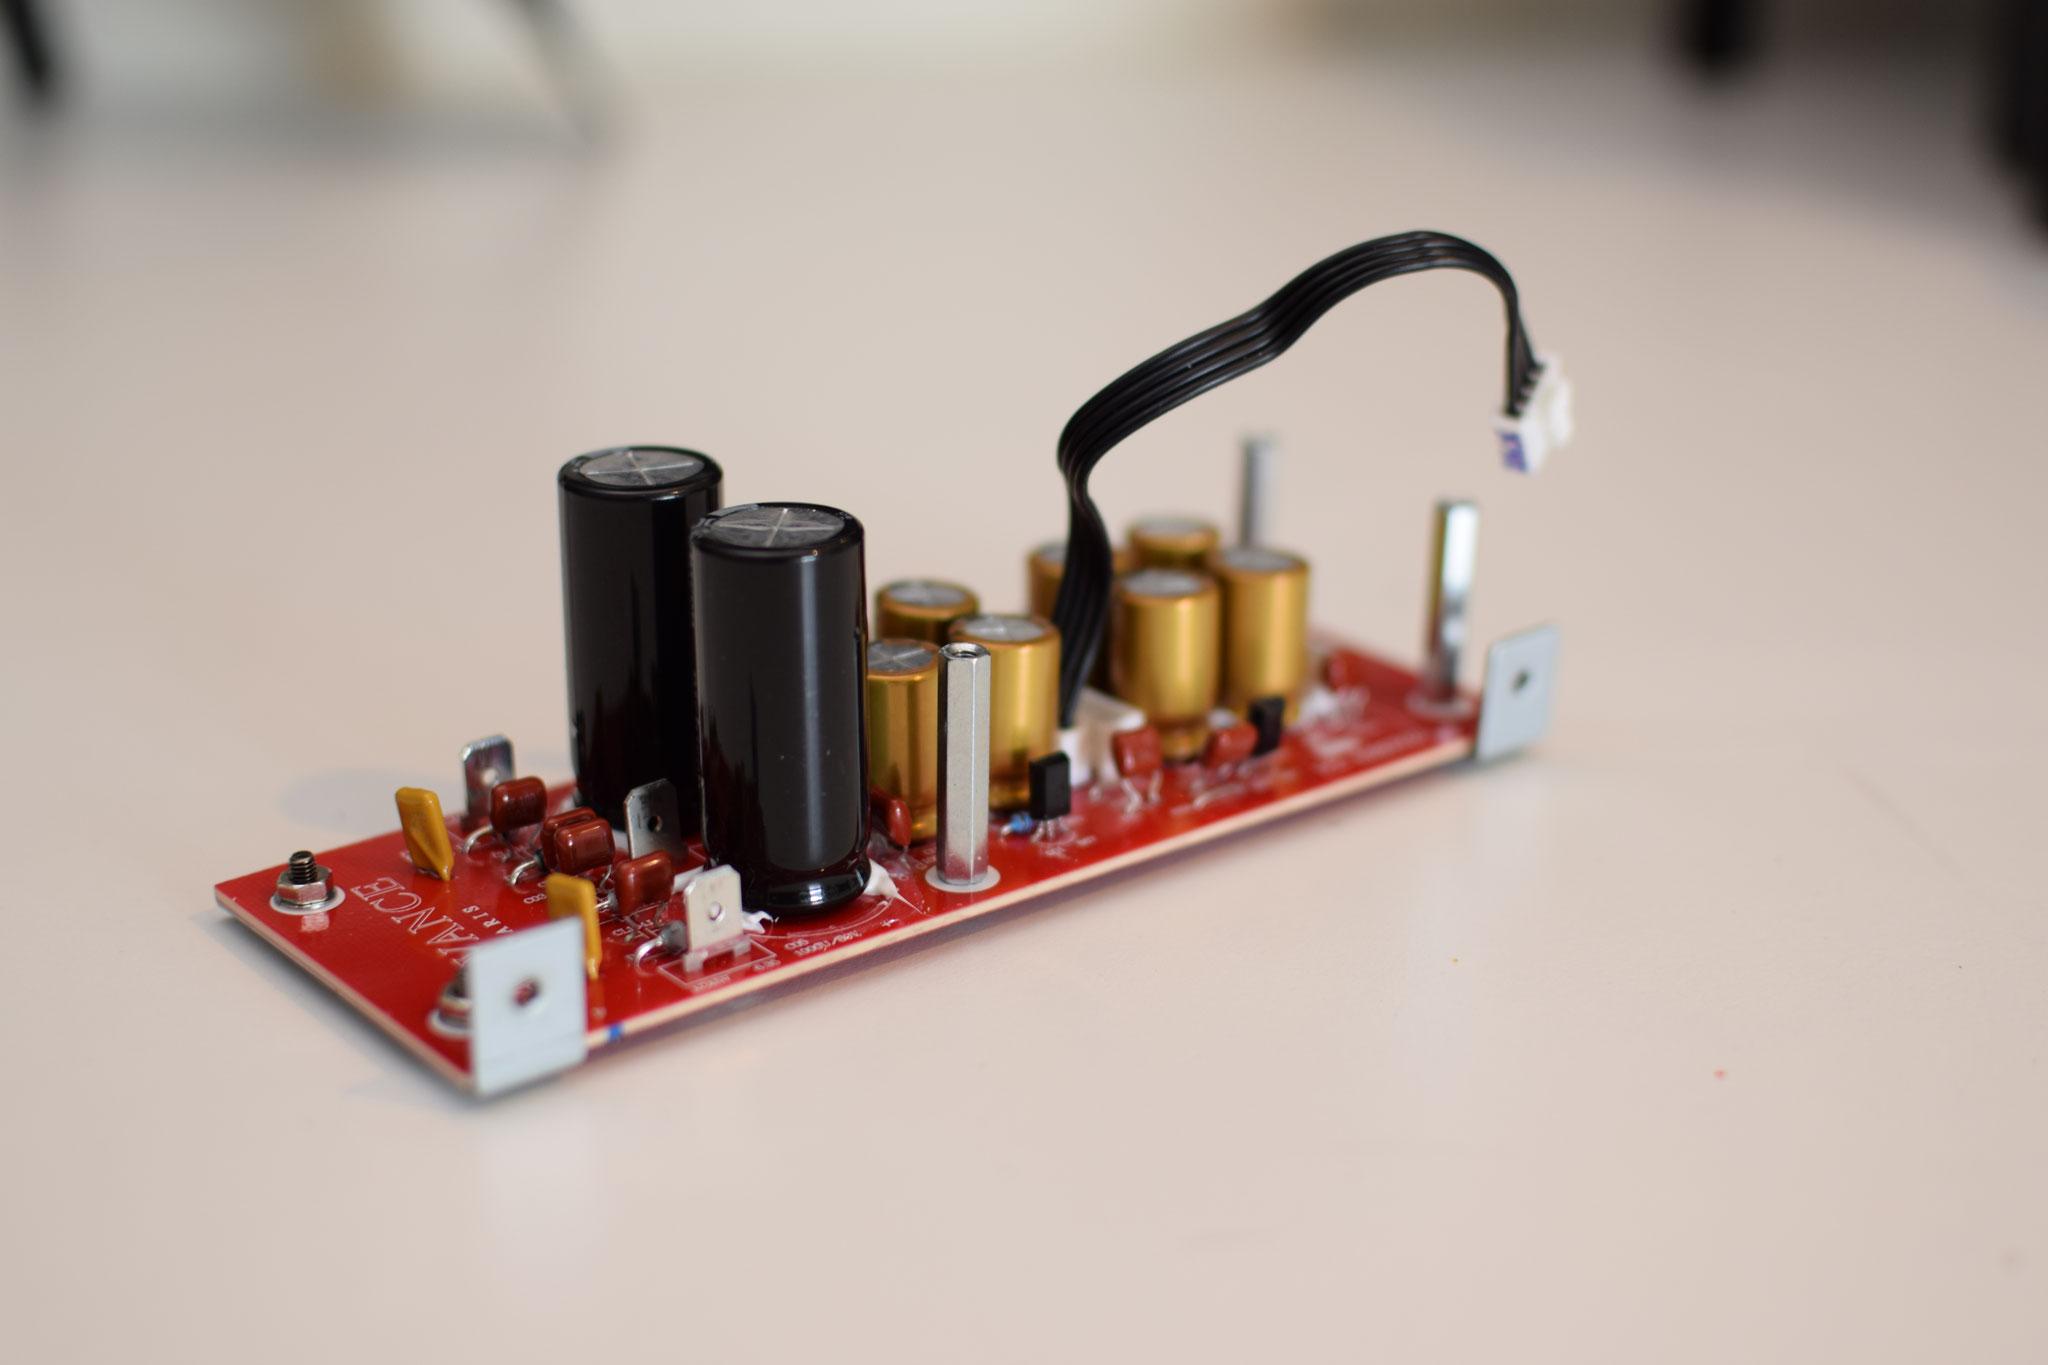 Advance Acoustic Paris X-A160 Signalplatine modifiziert